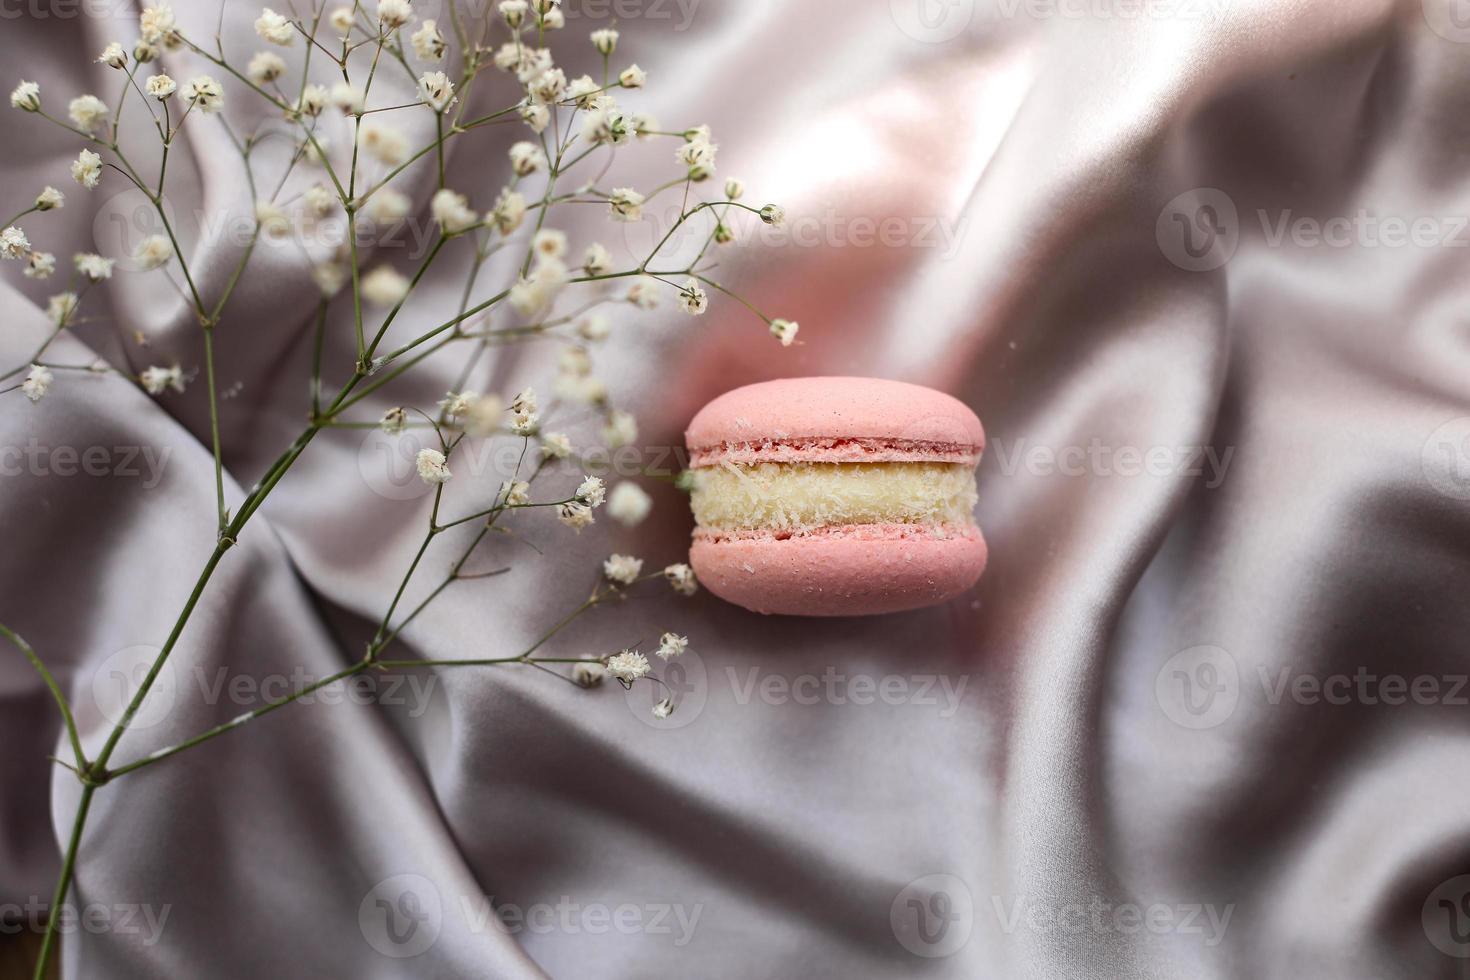 roze franse bitterkoekjes of macarons cookies en een witte bloemen op een doek achtergrond. natuurlijke fruit- en bessenaroma's, romige vulling voor Valentijnsdag moederdag Pasen met liefdesvoedsel. foto